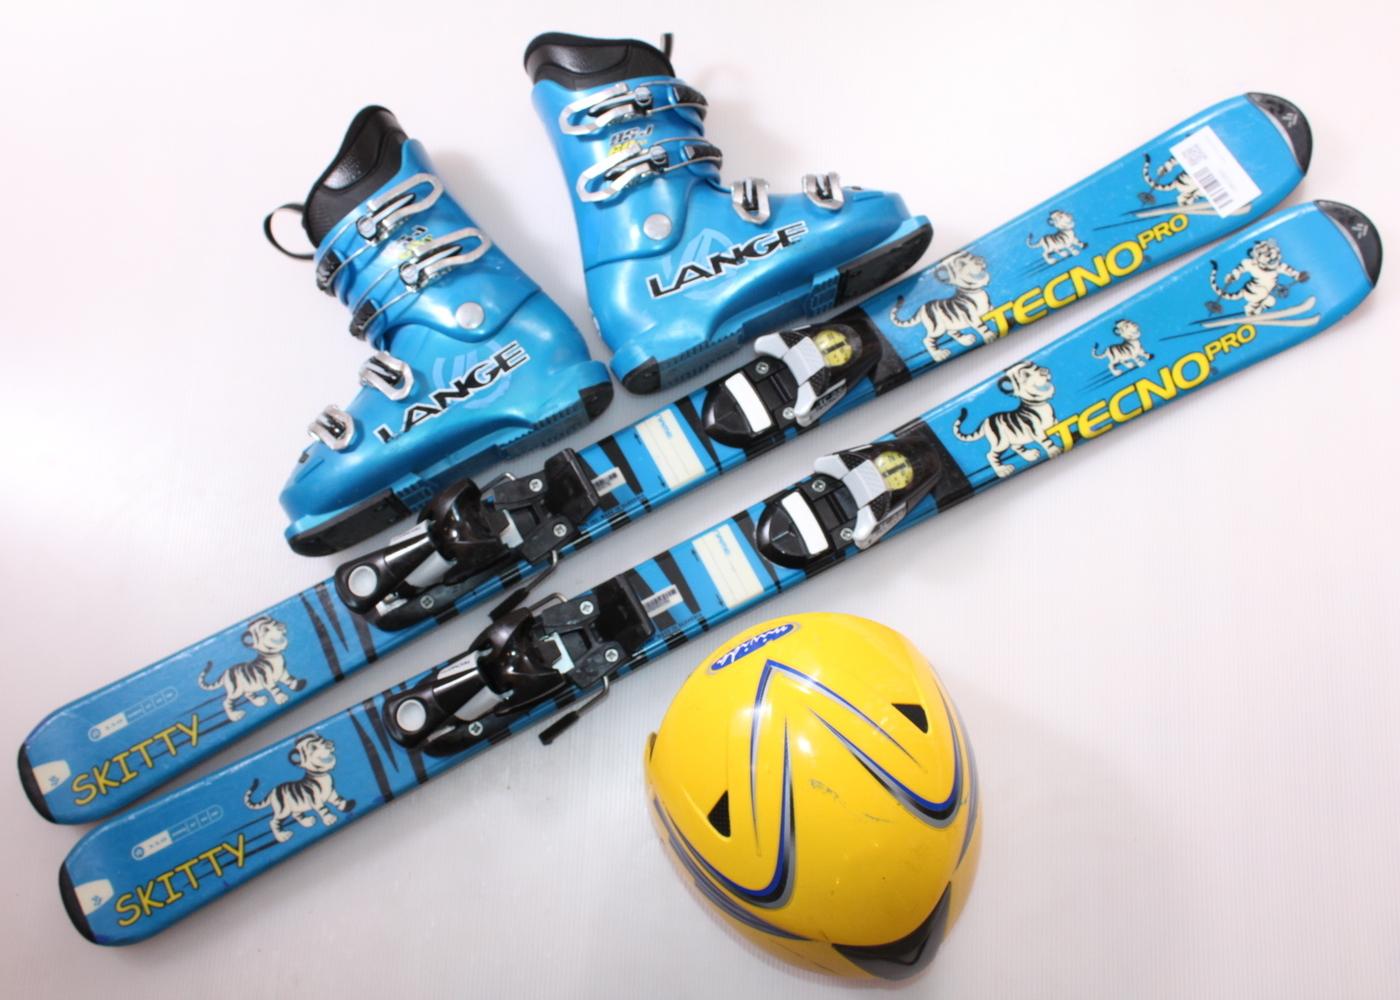 Dětské lyže TECNO SKITTY 110 cm + lyžáky  33EU + helma